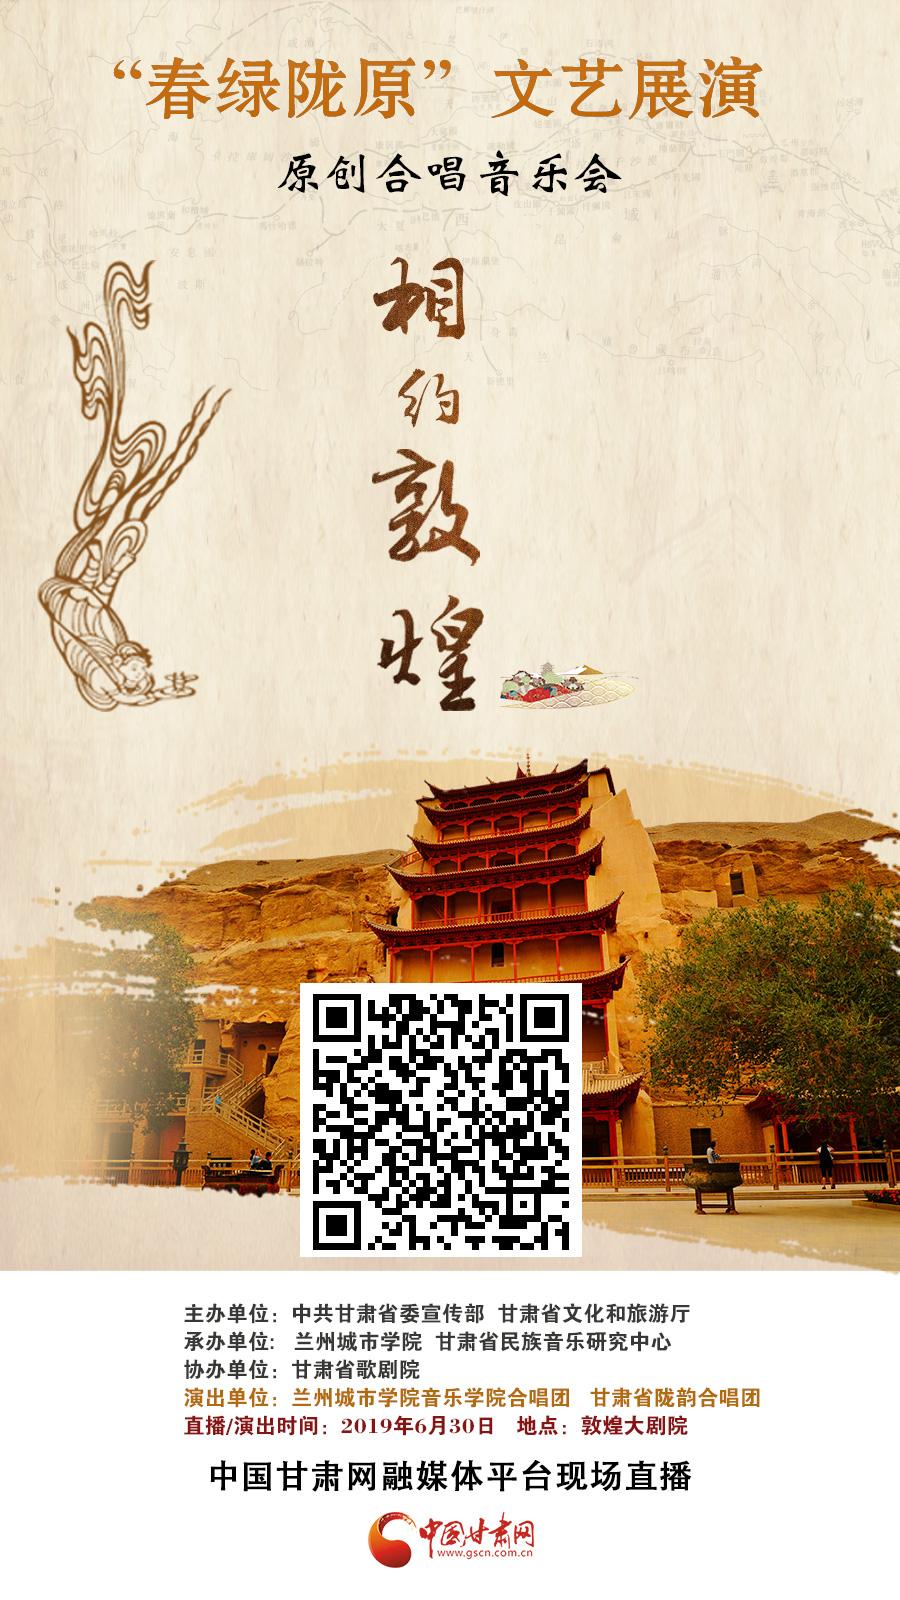 【中国甘肃网-现场直播】原创合唱音乐会《相约敦煌》